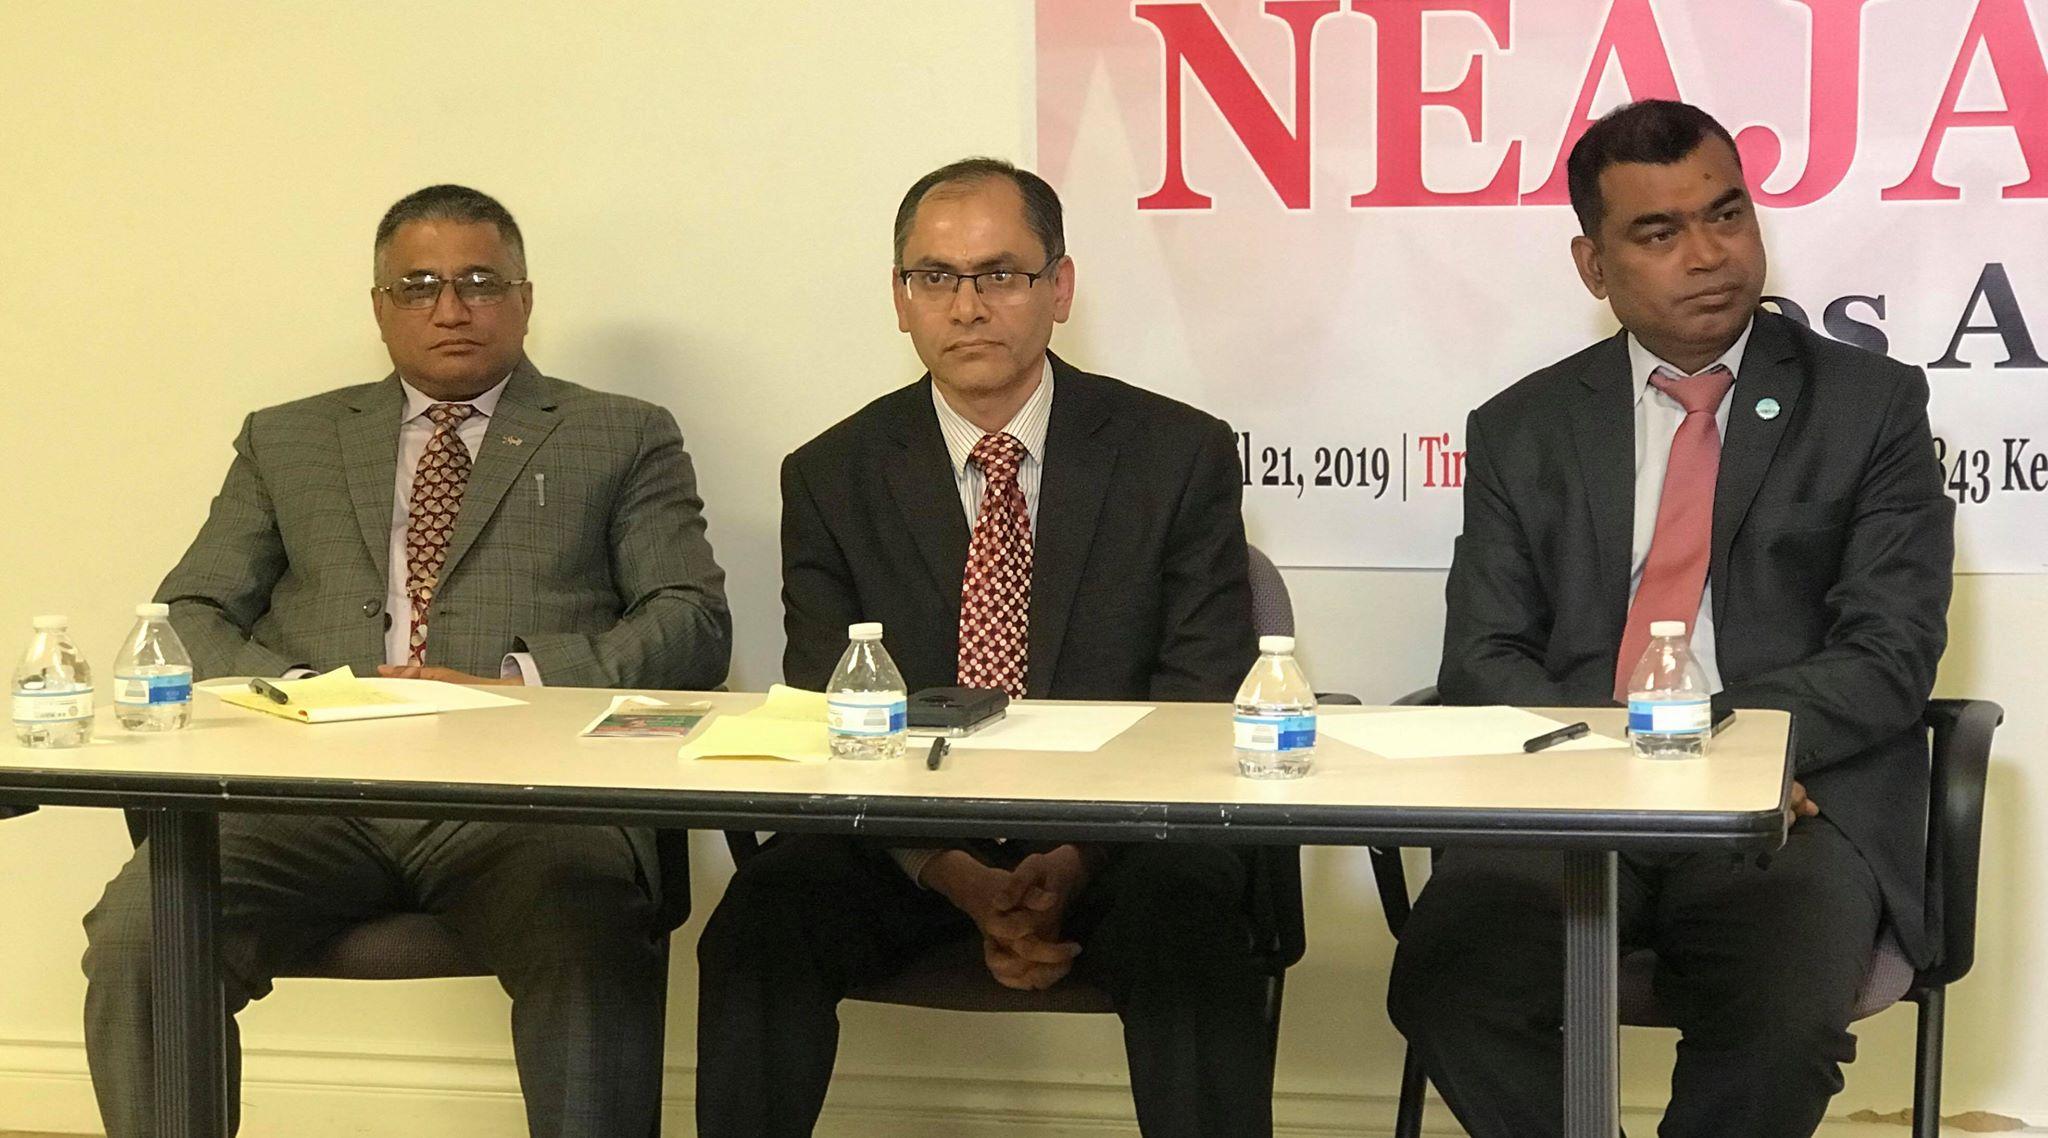 नेजा – एनआरएन अमेरिका बहस – २०१९ को दोस्रो कार्यक्रम लस एन्जलसमा सम्पन्न